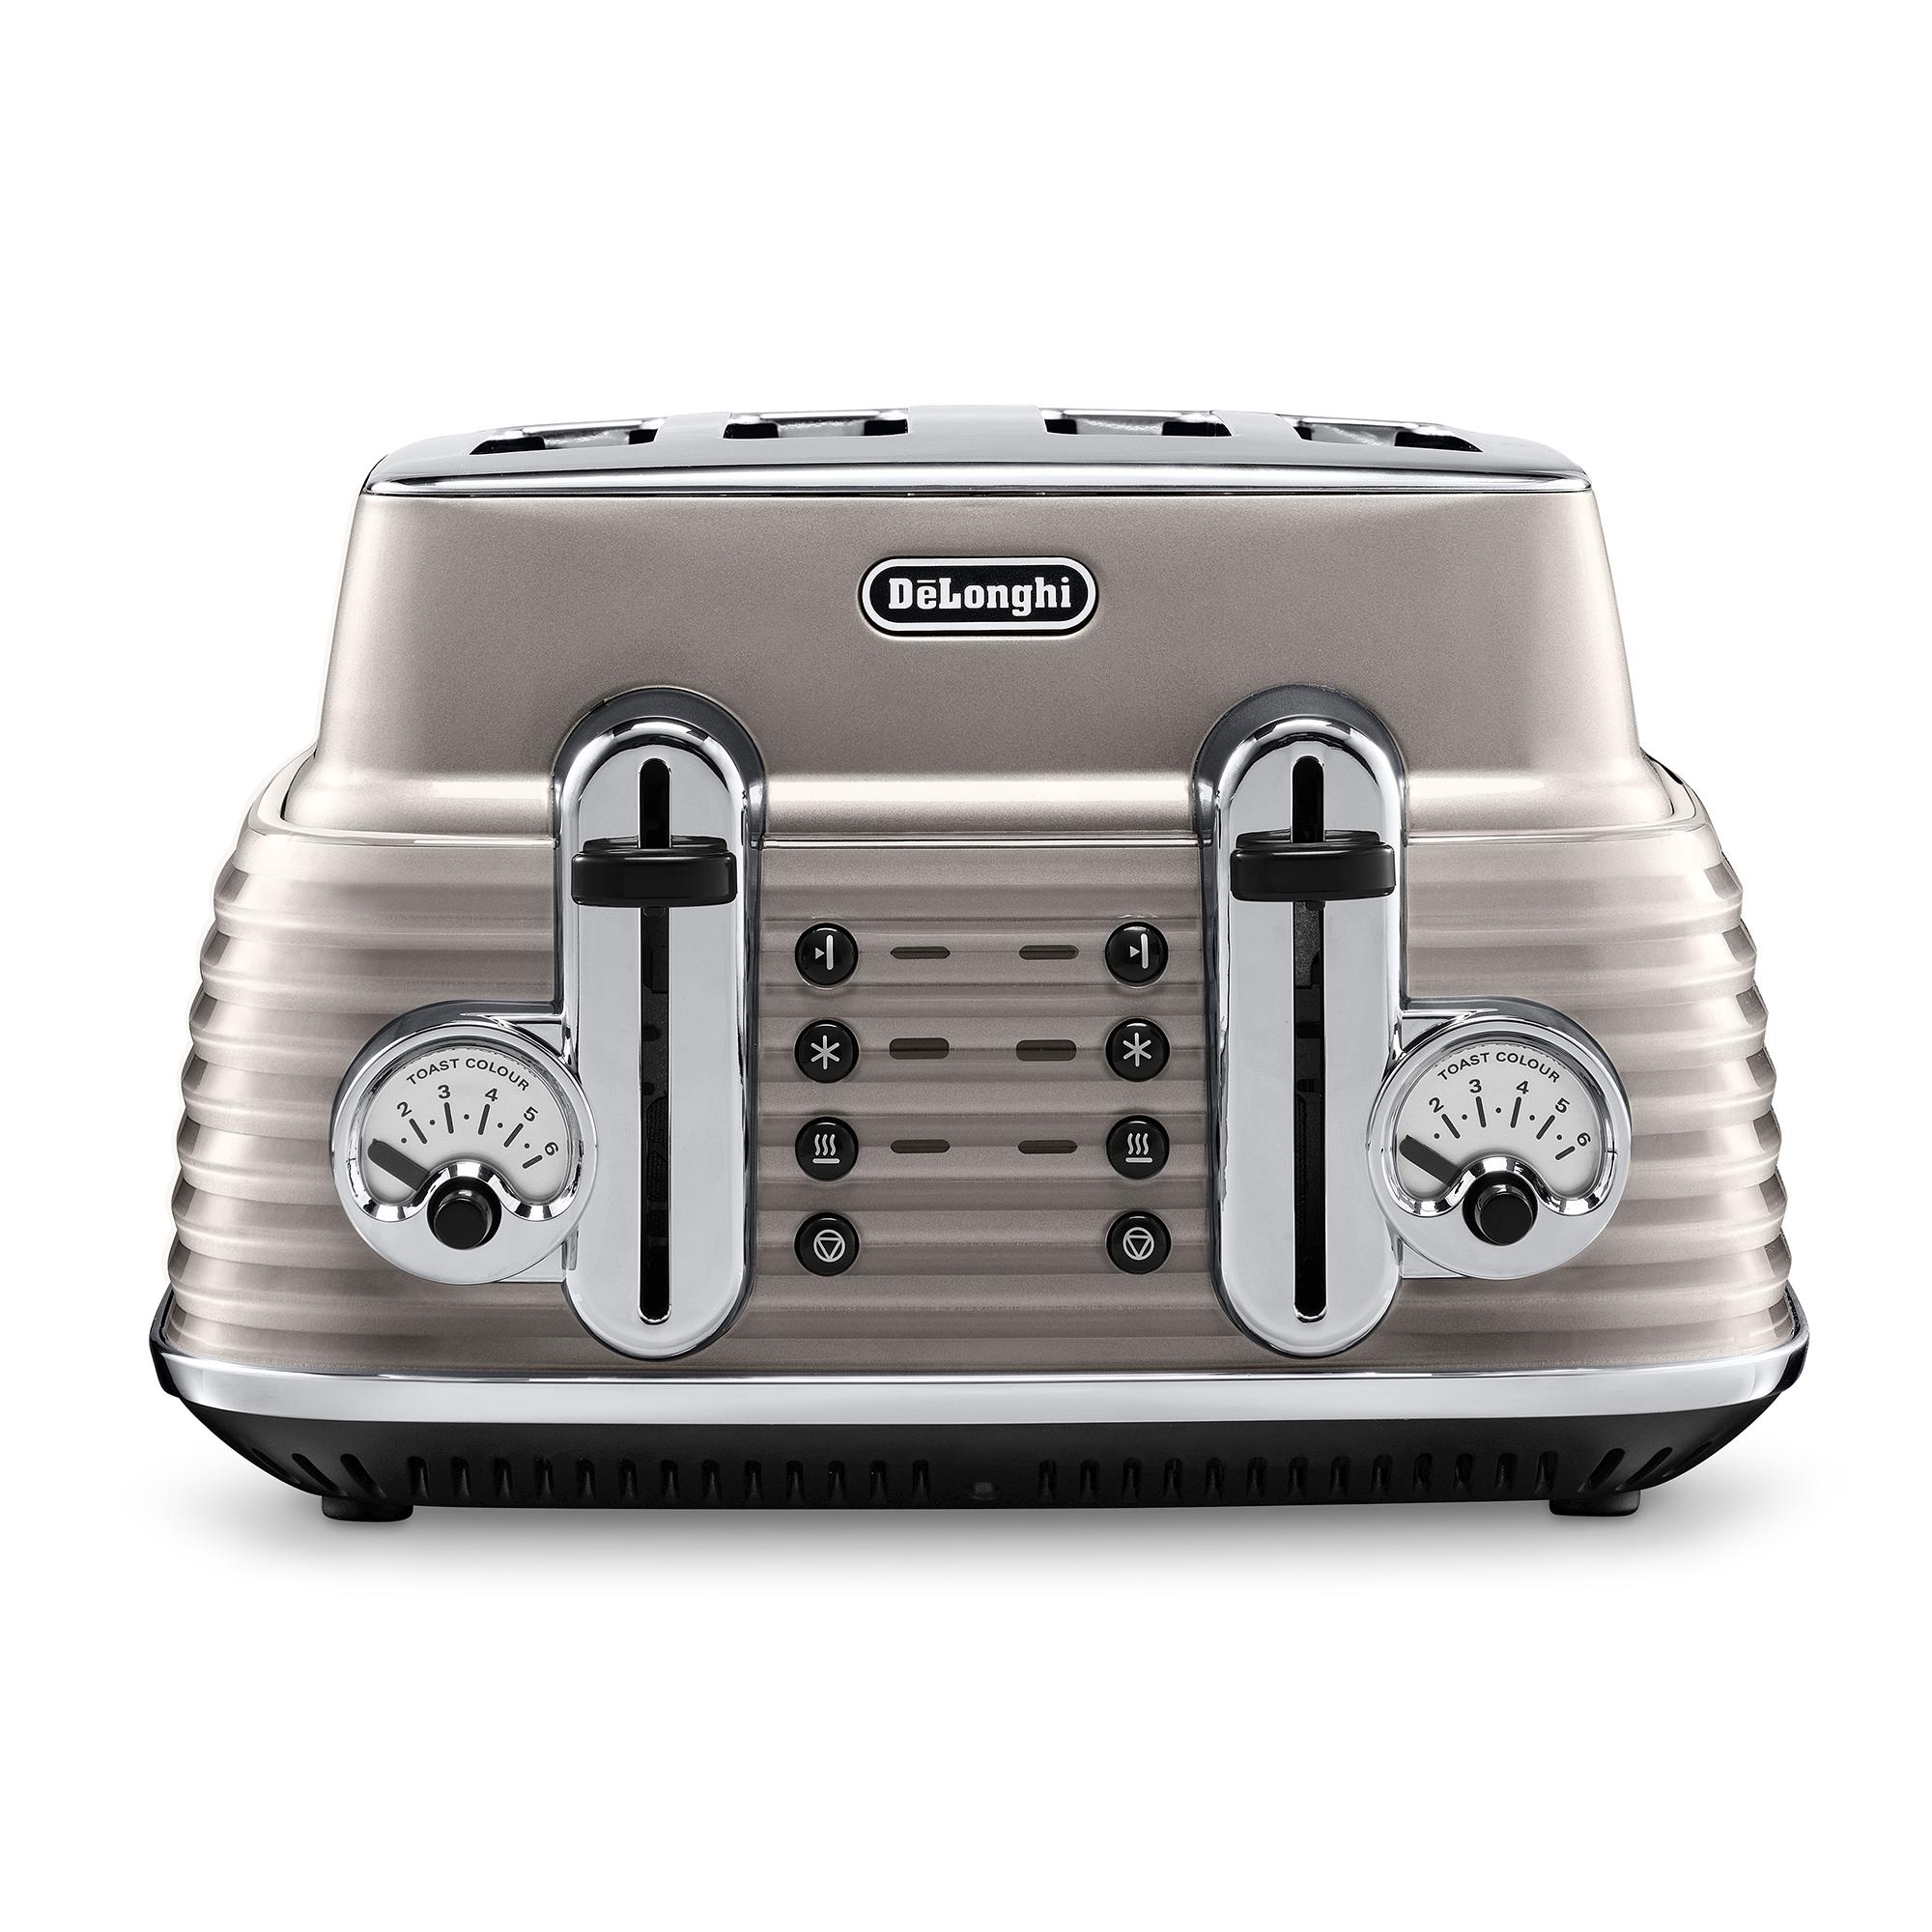 De'Longhi Scultura 4 Slice Toaster CTZ4003.BG - Beige